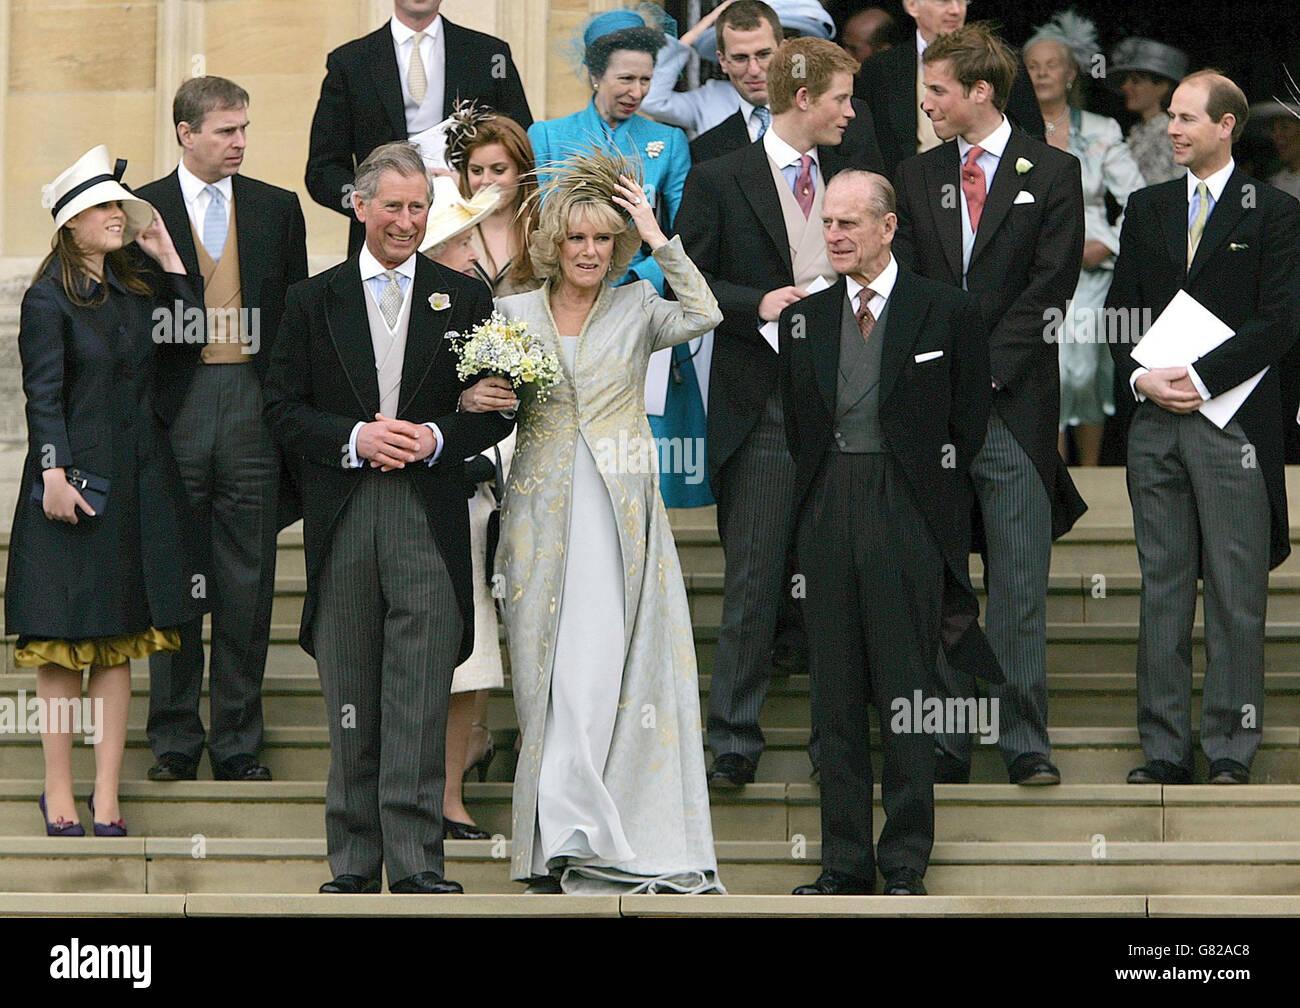 Boda Real El Matrimonio Del Principe Carlos Y Camila Parker Bowles Servicio De Oracion Y Dedicacion St George S Chapel Fotografia De Stock Alamy